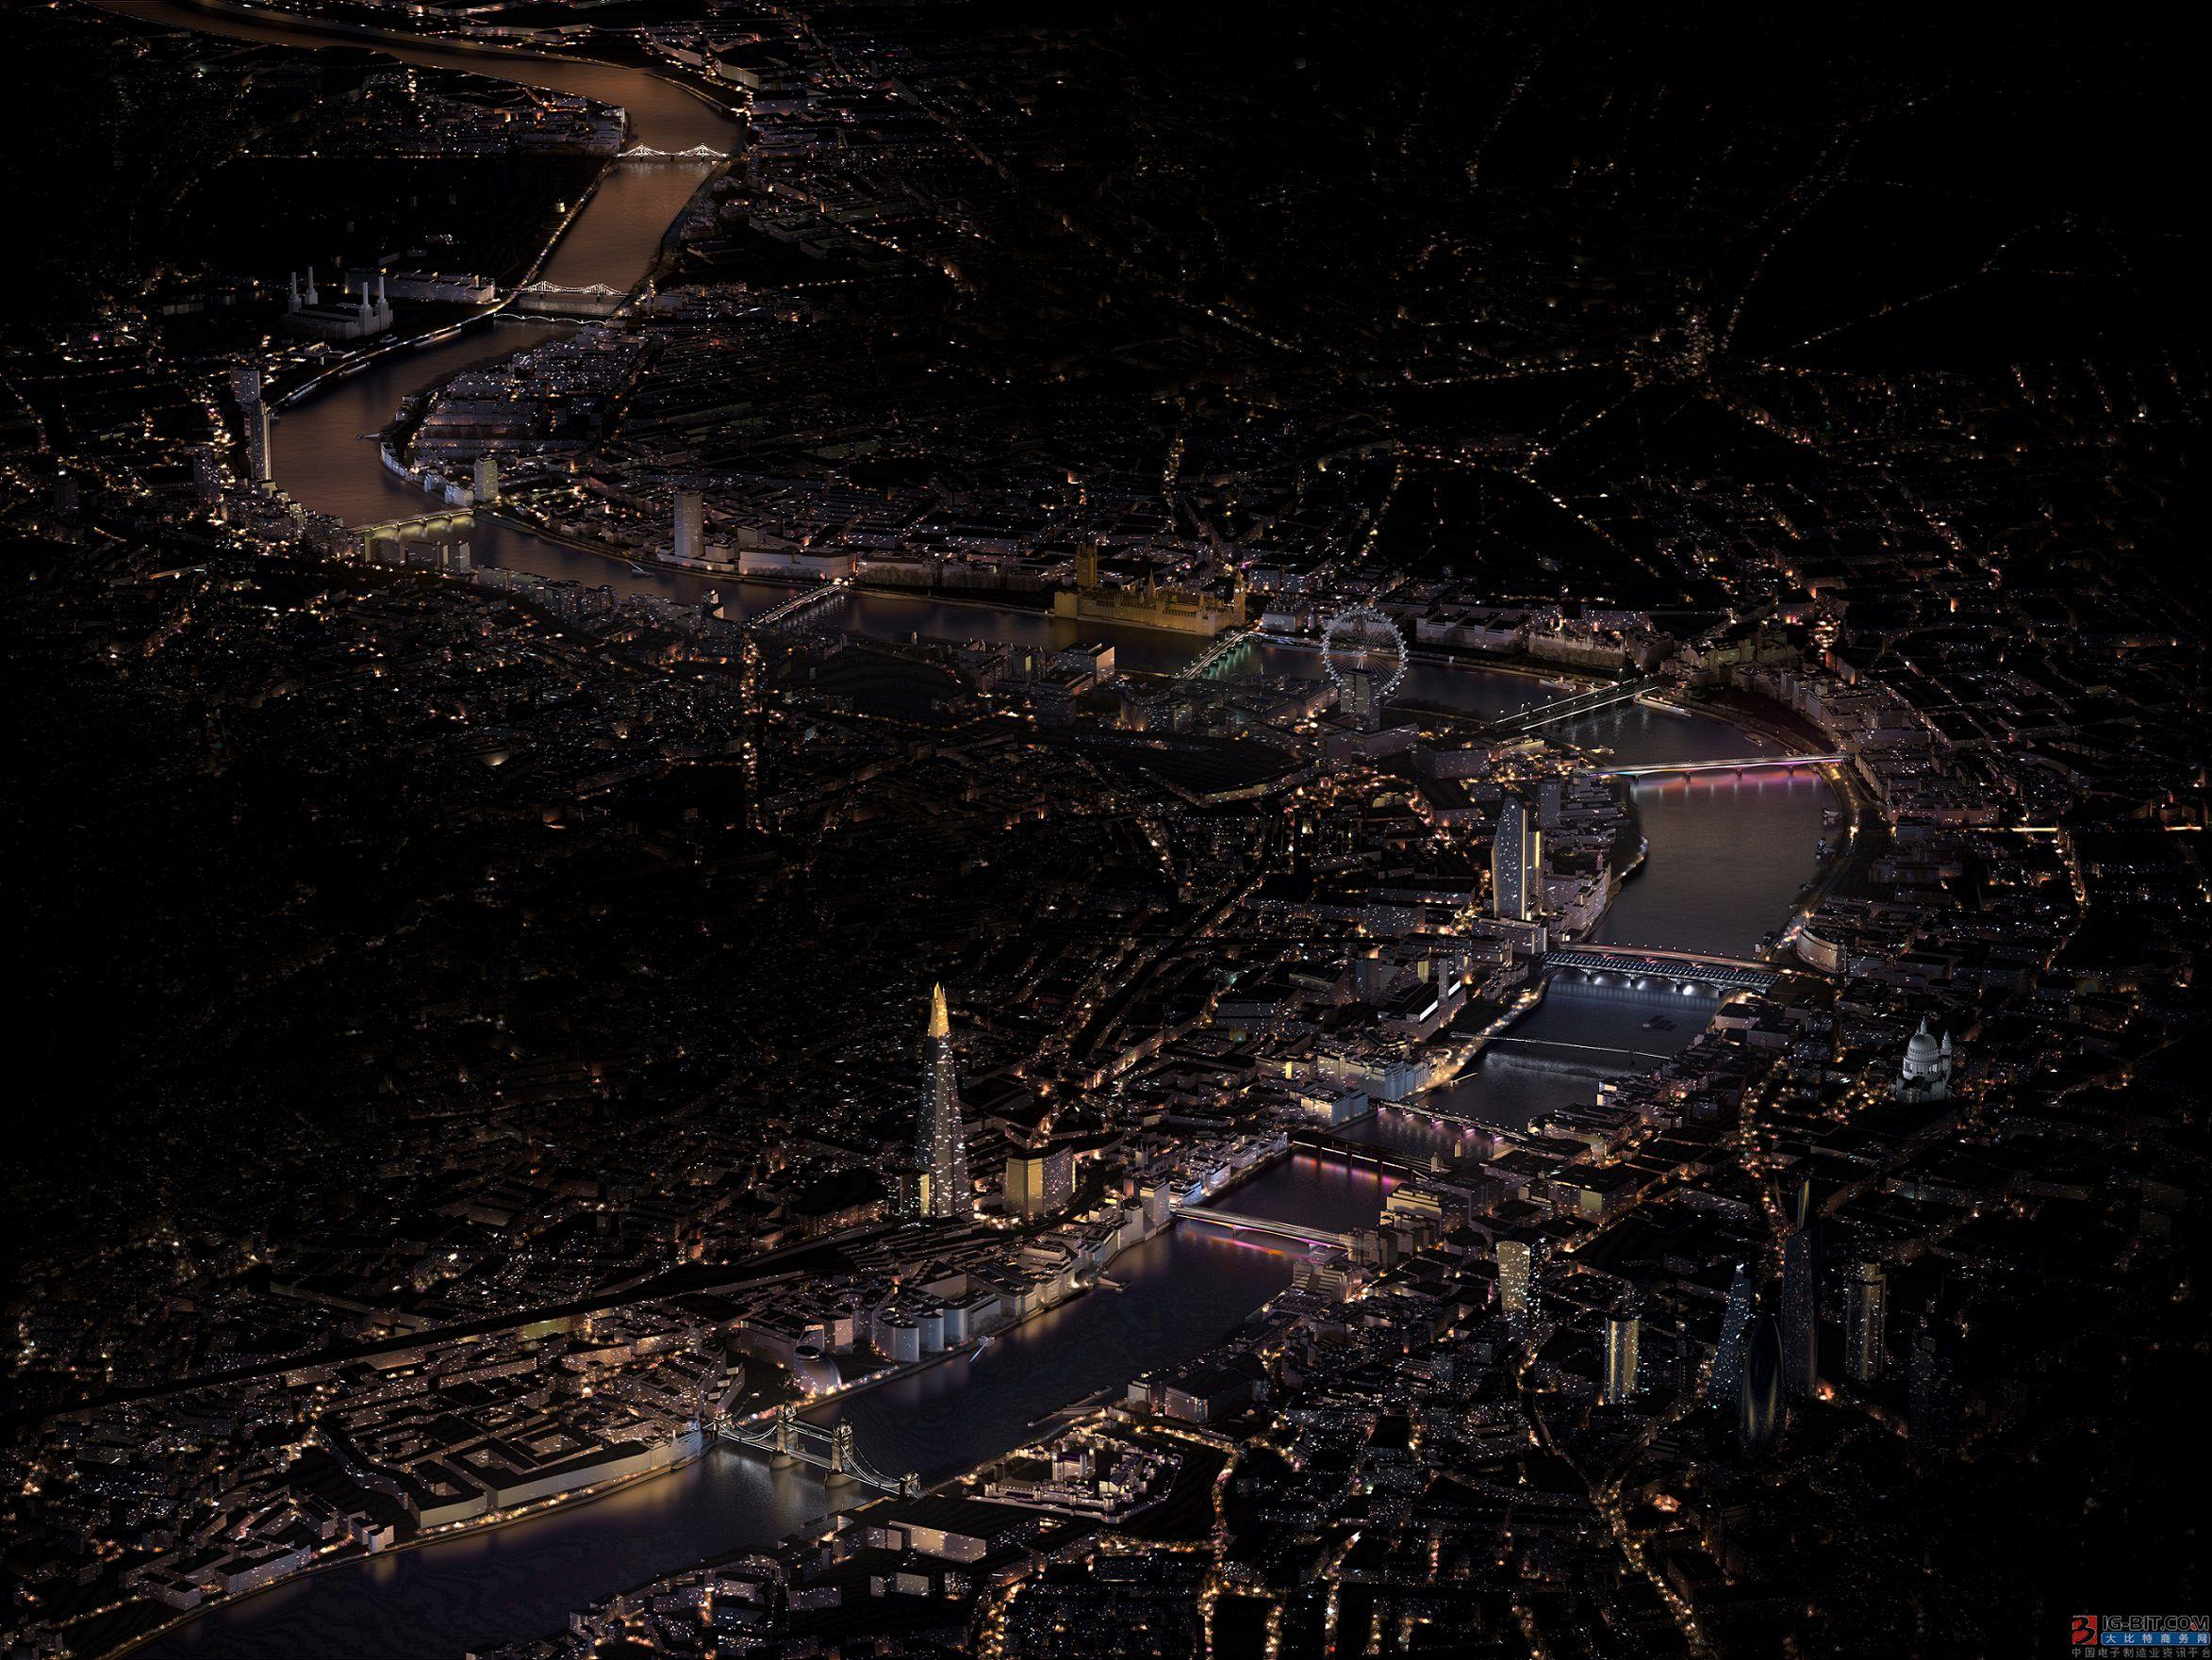 昕诺飞将点亮伦敦15座标志性桥梁 助力打造全球最长公共艺术作品